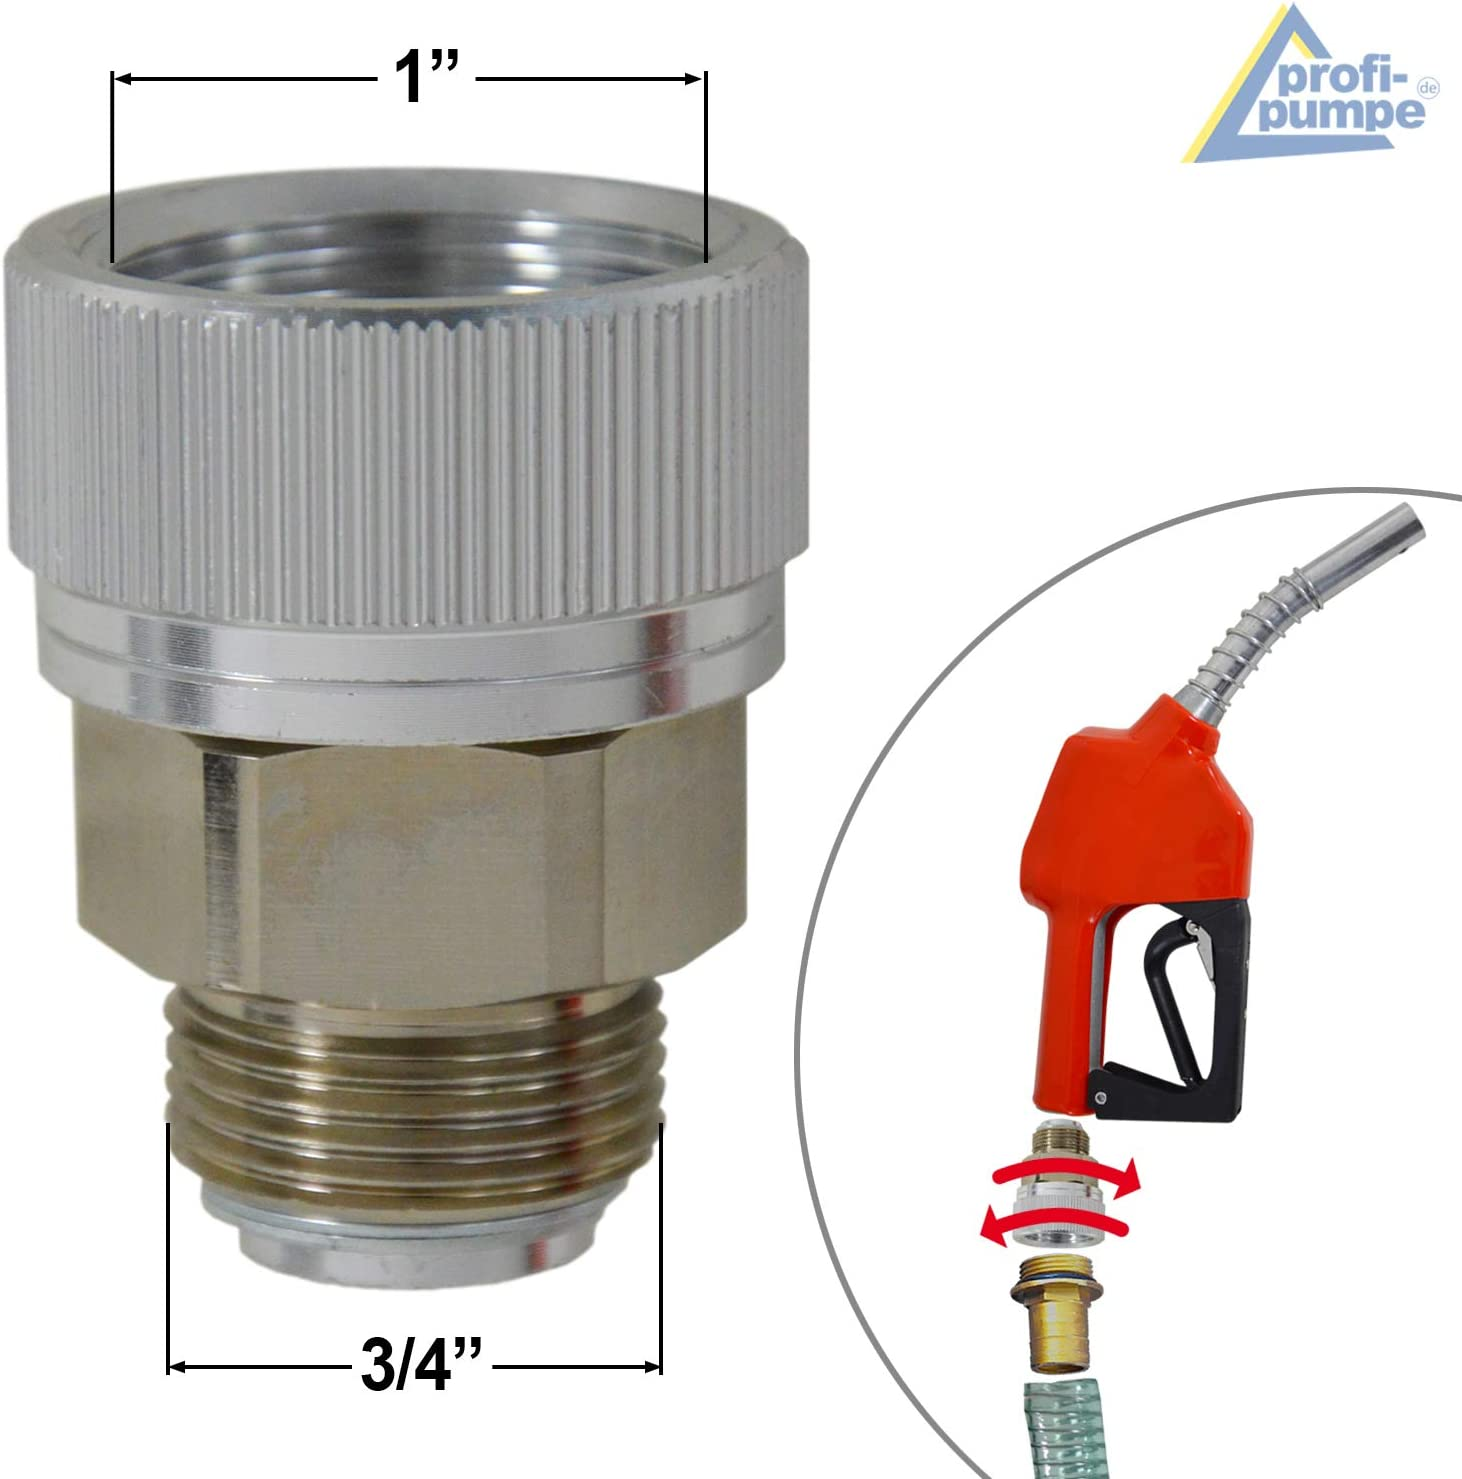 Conexi/ón giratoria para pistola de BOMBA DIESEL Junta giratoria BOMBA COMBUSTIBLE BOMBA GASOLEO conexion giratoria de aluminio